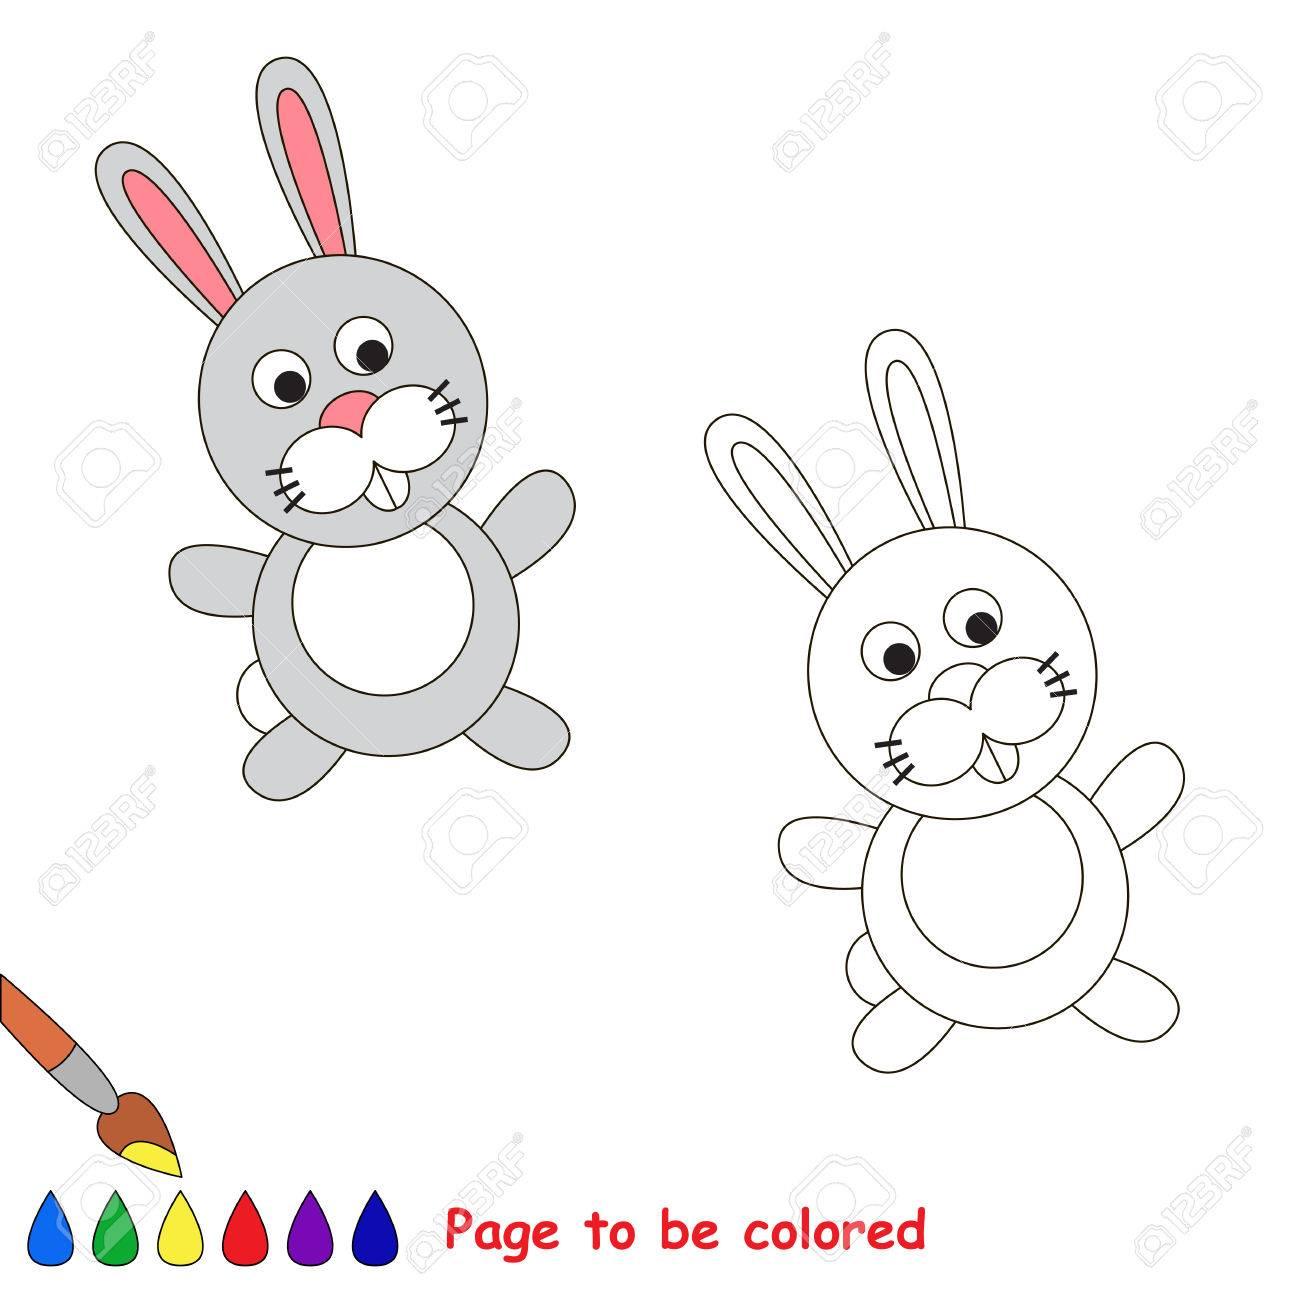 Bonito Libro De Colores De Conejos Blancos Bandera - Enmarcado Para ...